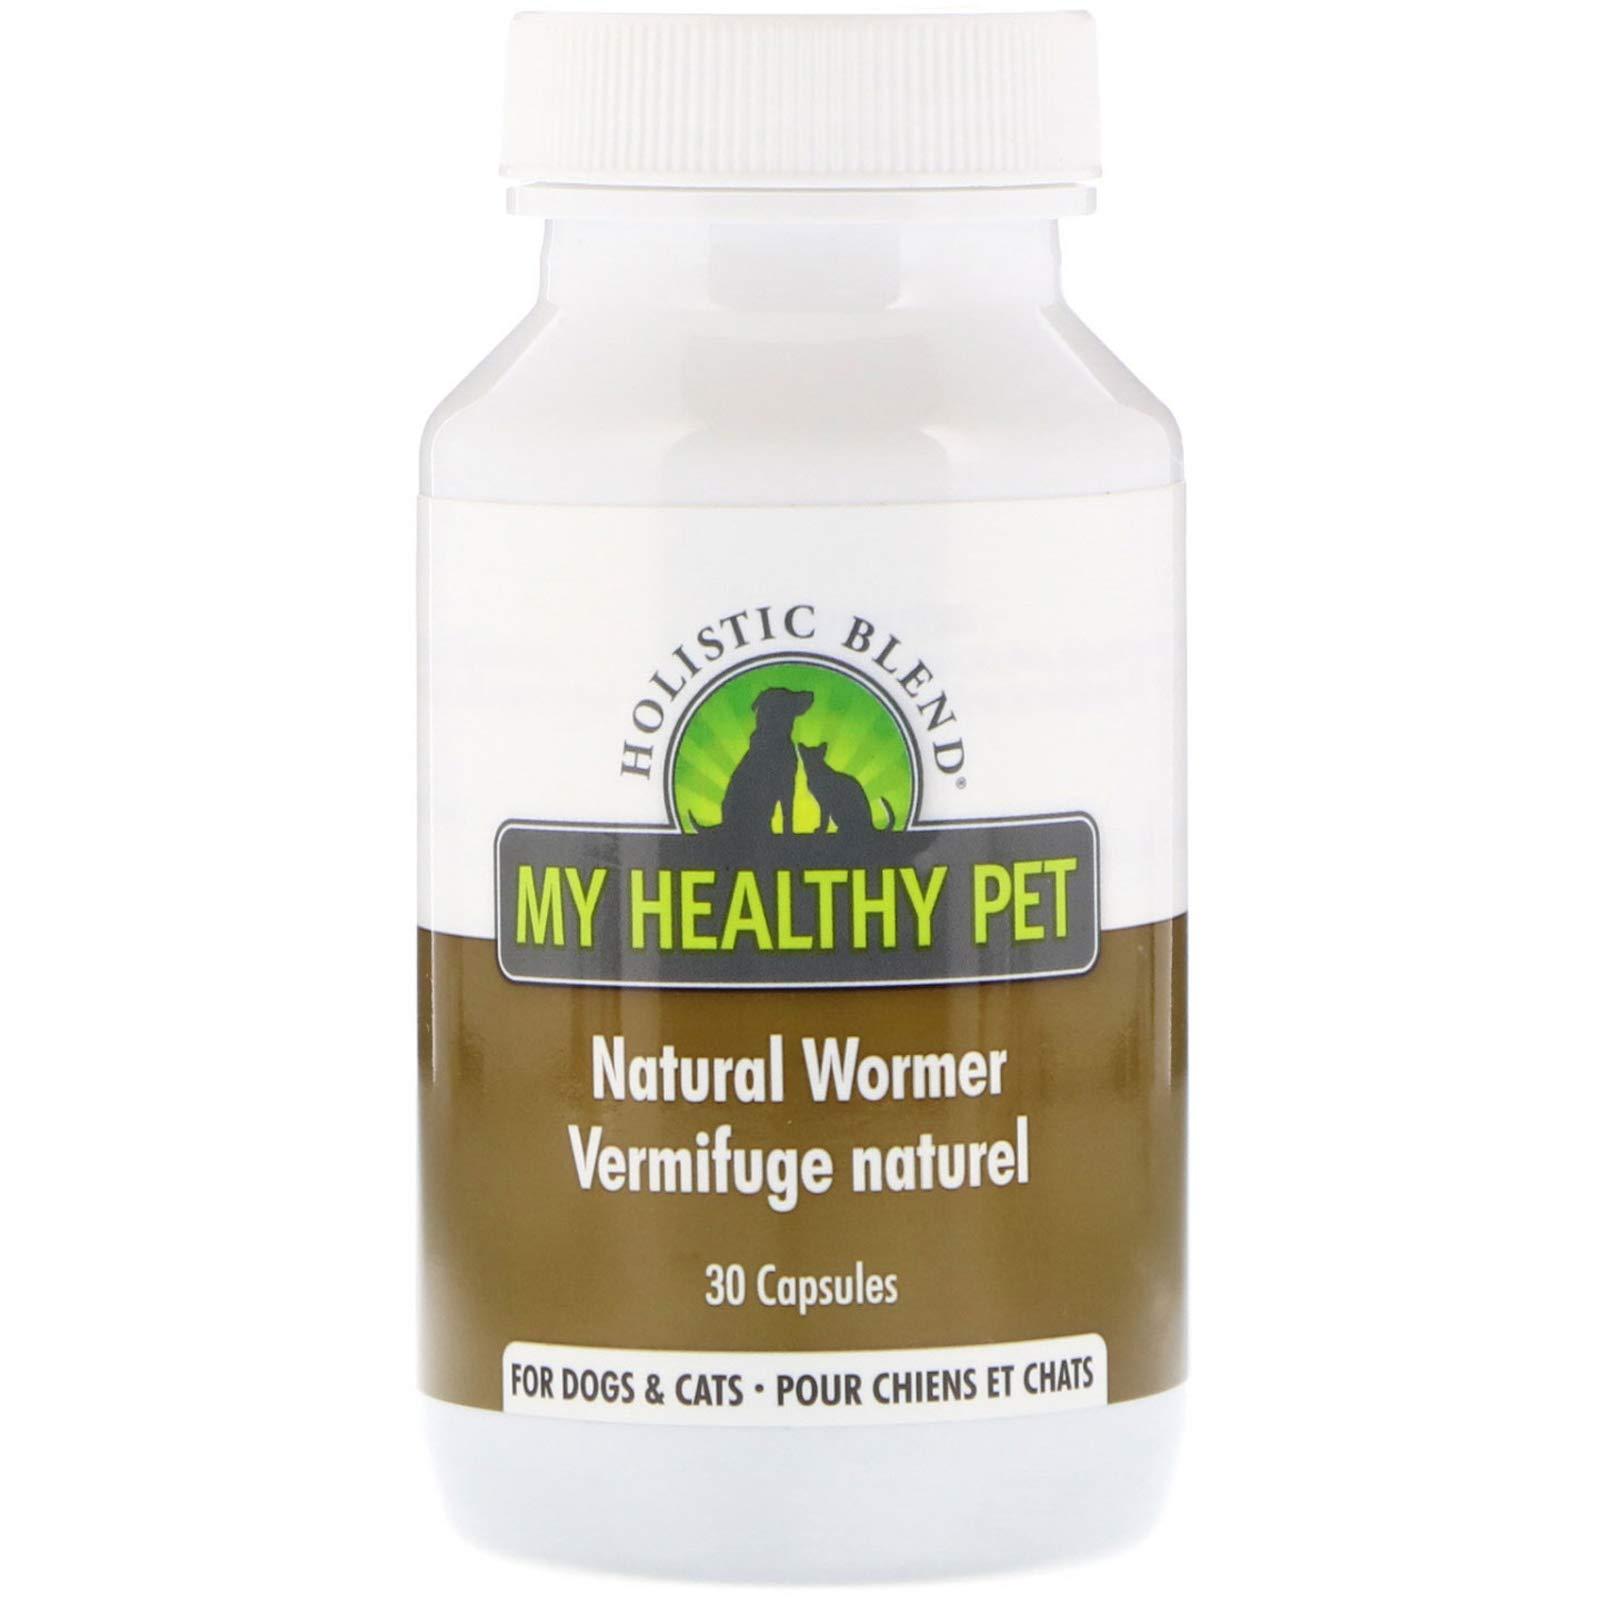 Holistic Blend: My Healthy Pet 1 Piece Natural Wormer 30 Capsules For Pets by Holistic Blend: My Healthy Pet